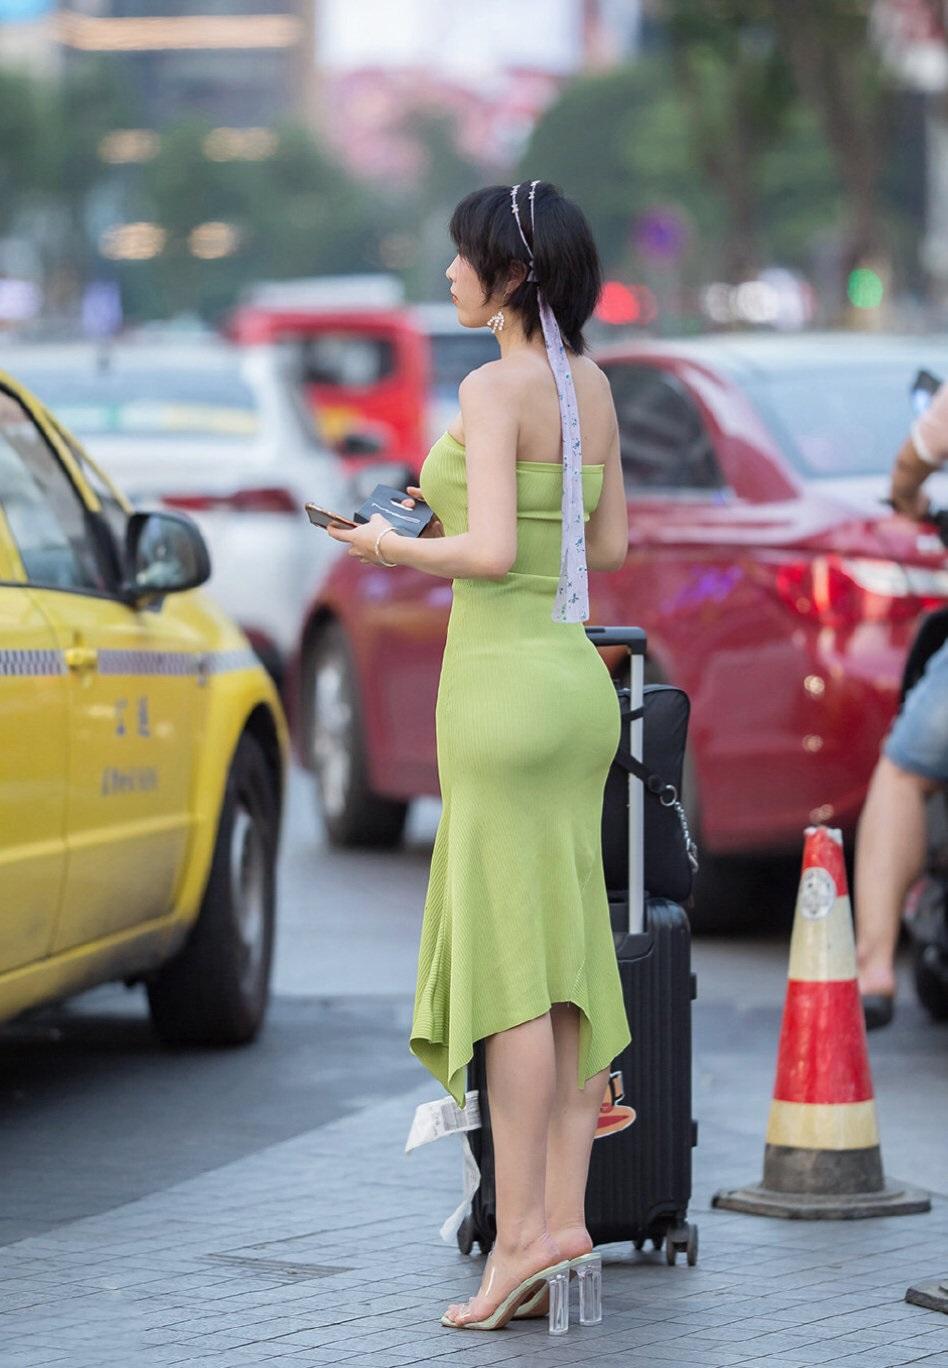 真的很担心这样裙子会不会掉下来? 涨姿势 第4张